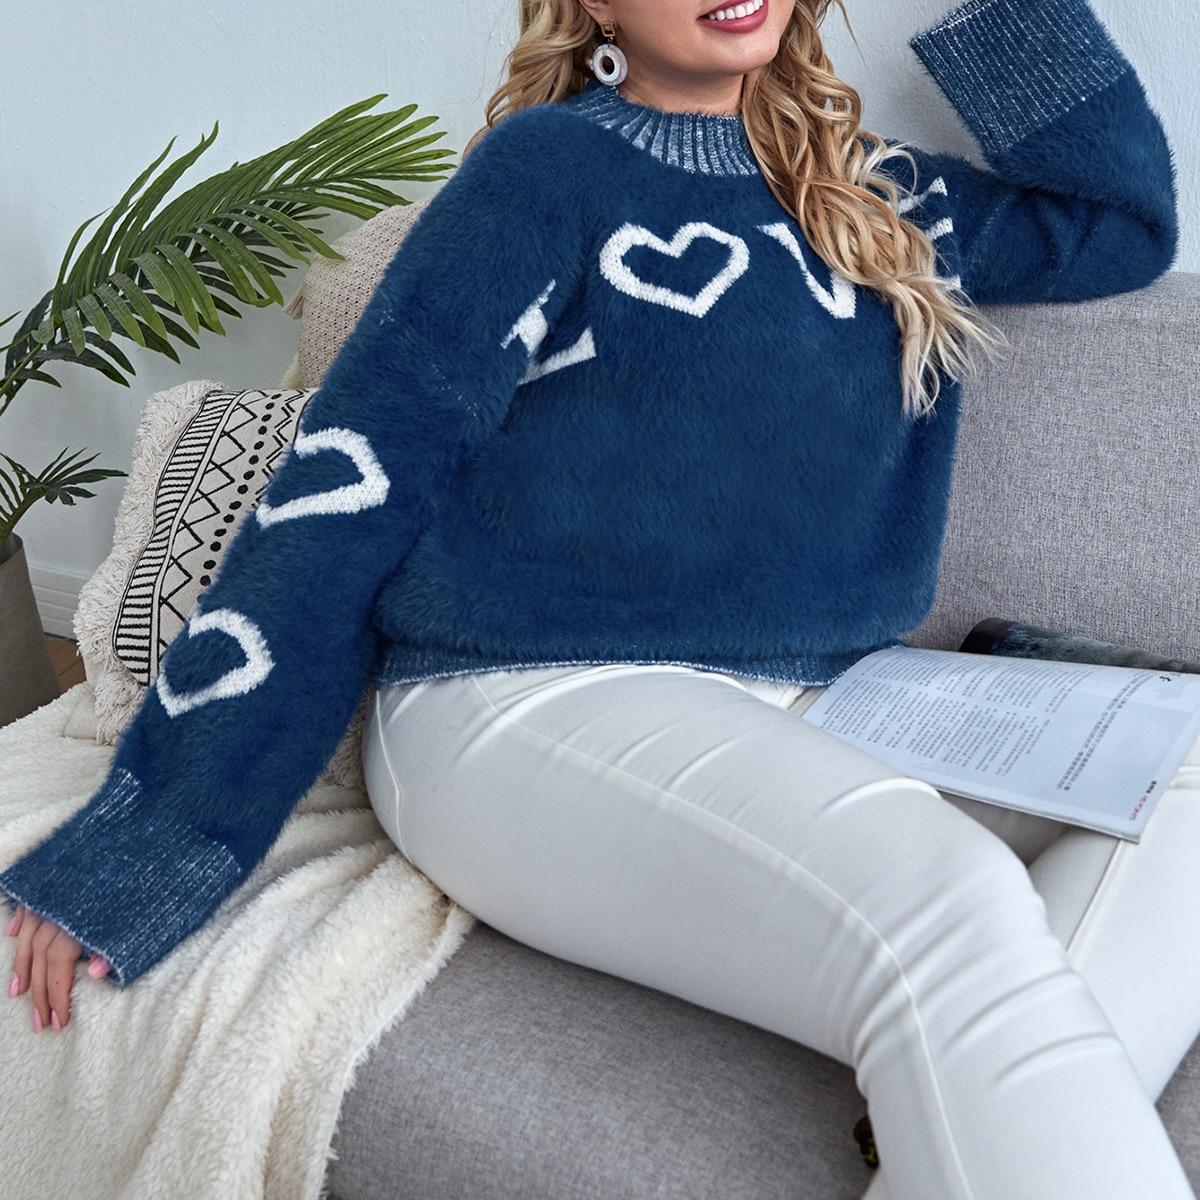 Трикотажный свитер с текстовым рисунком размера плюс